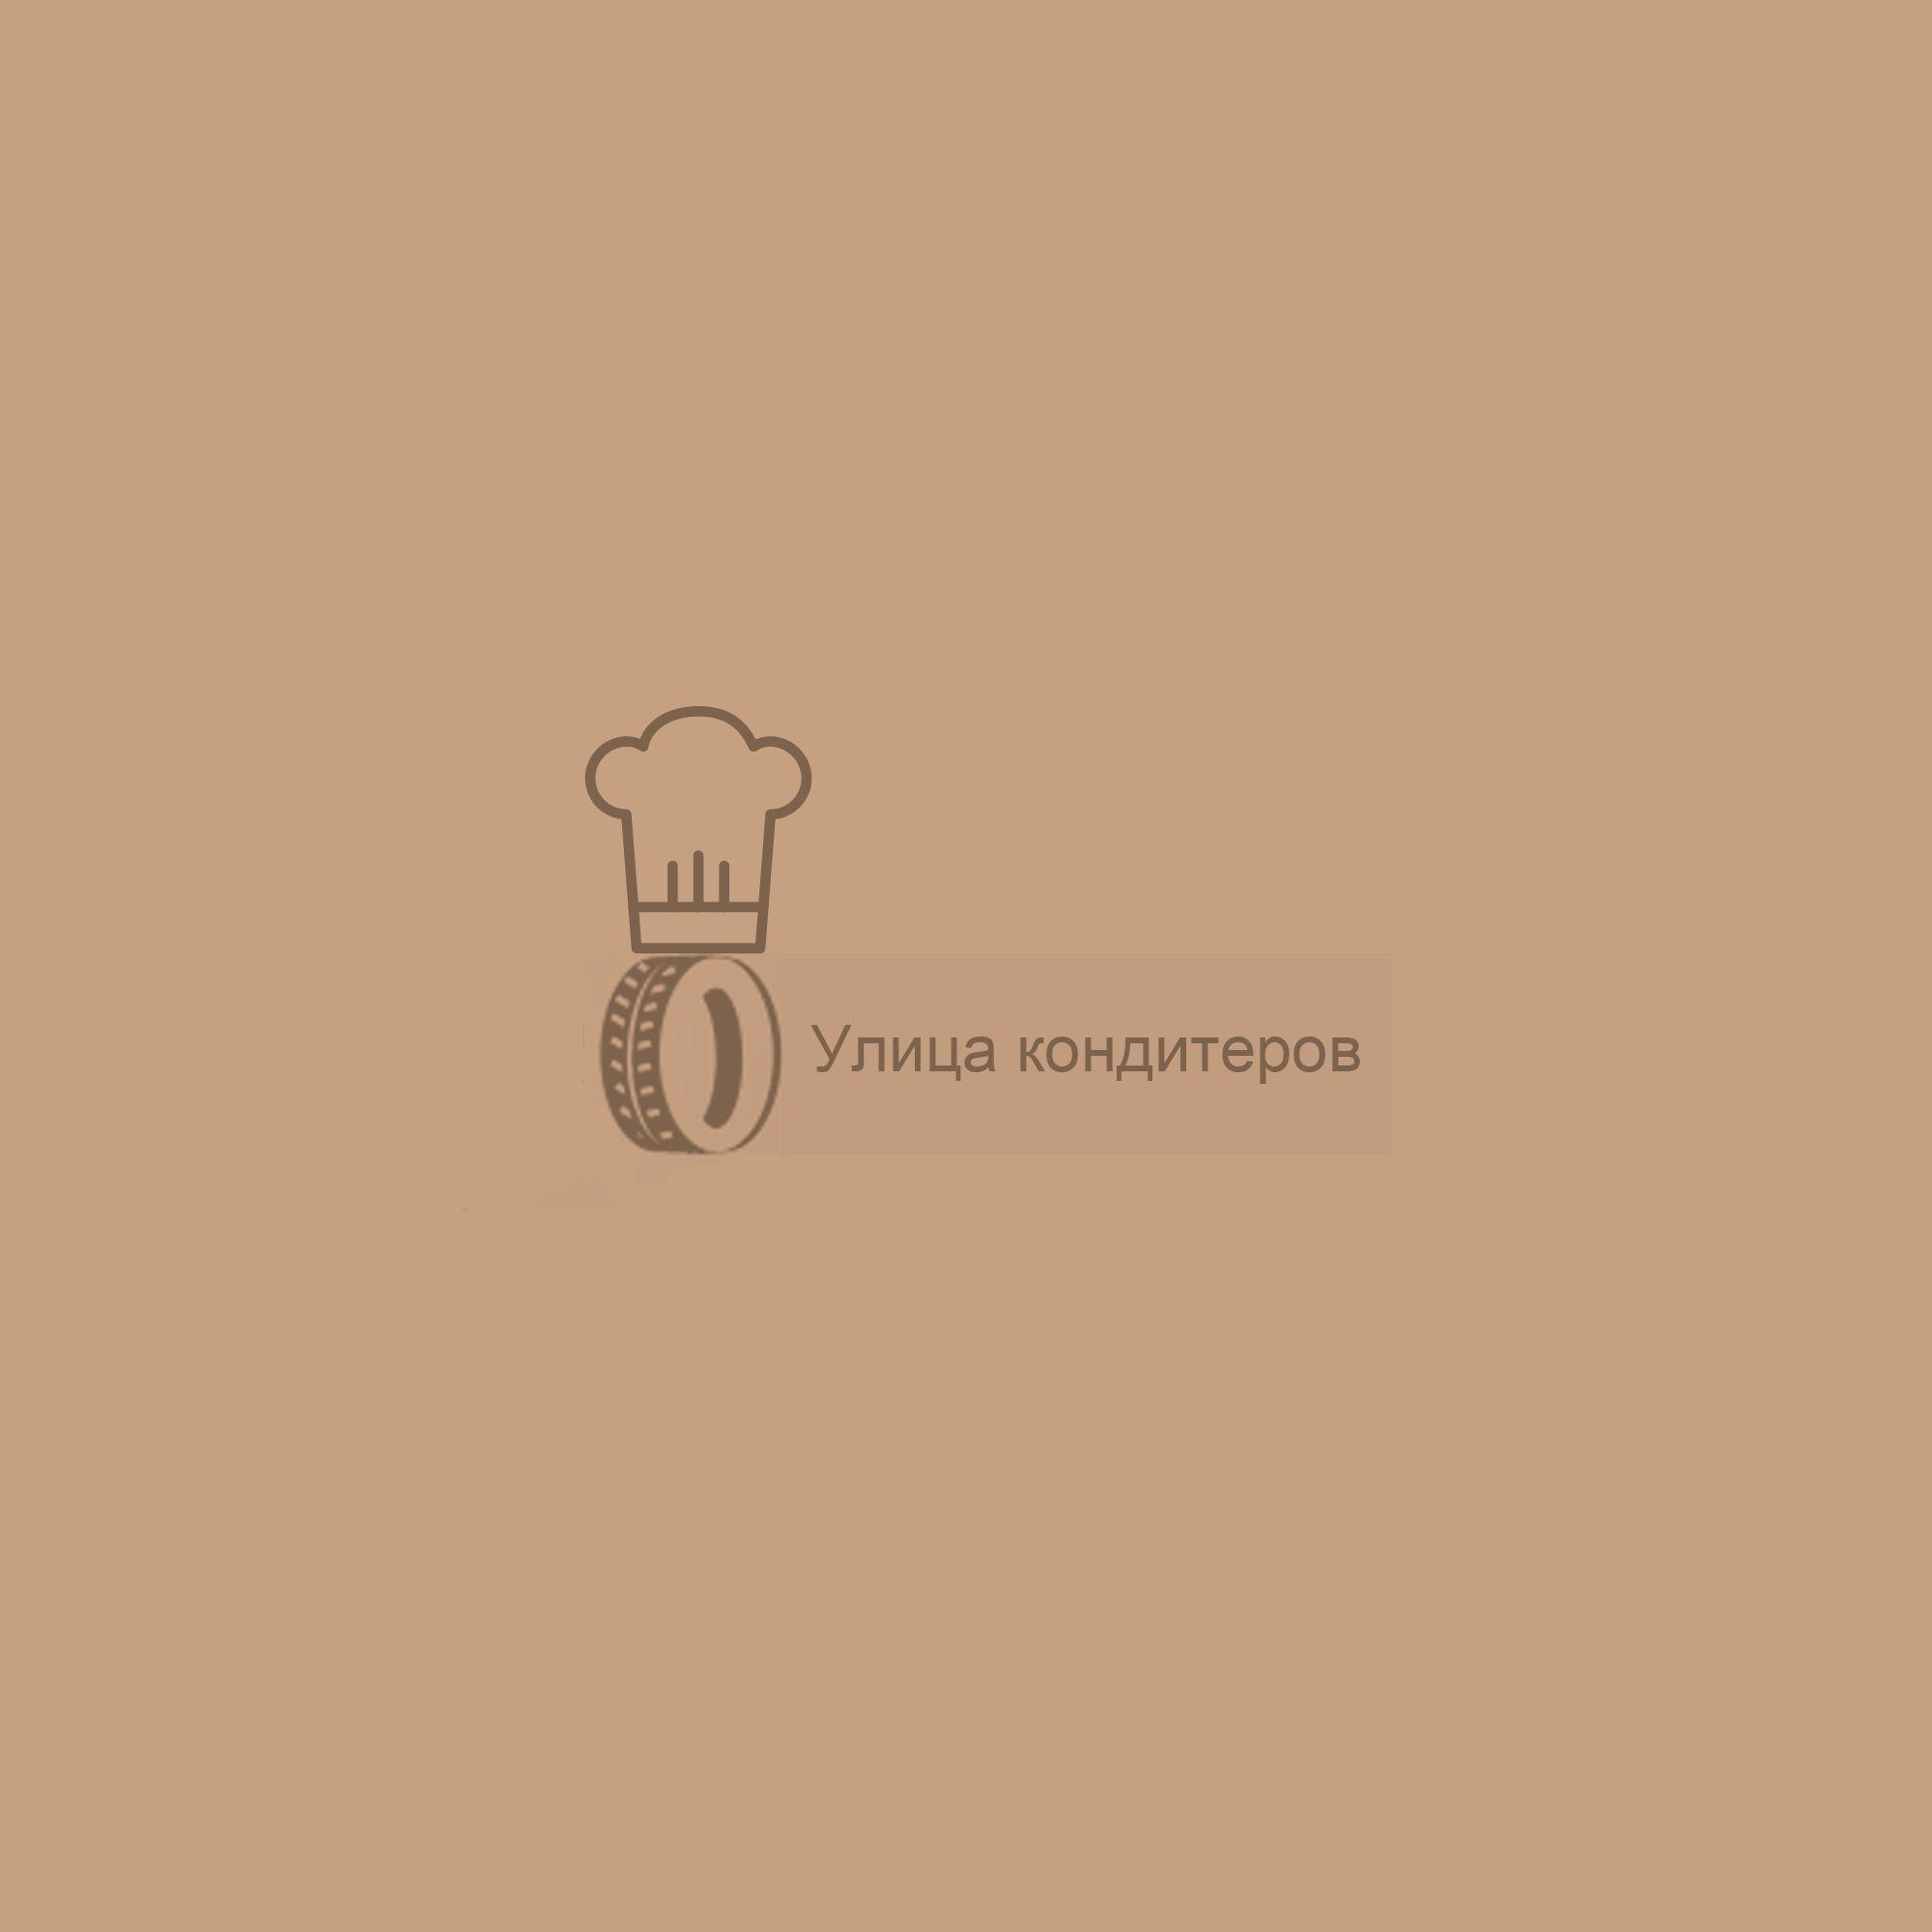 Брендирование мобильной кофейни - дизайнер Kibish